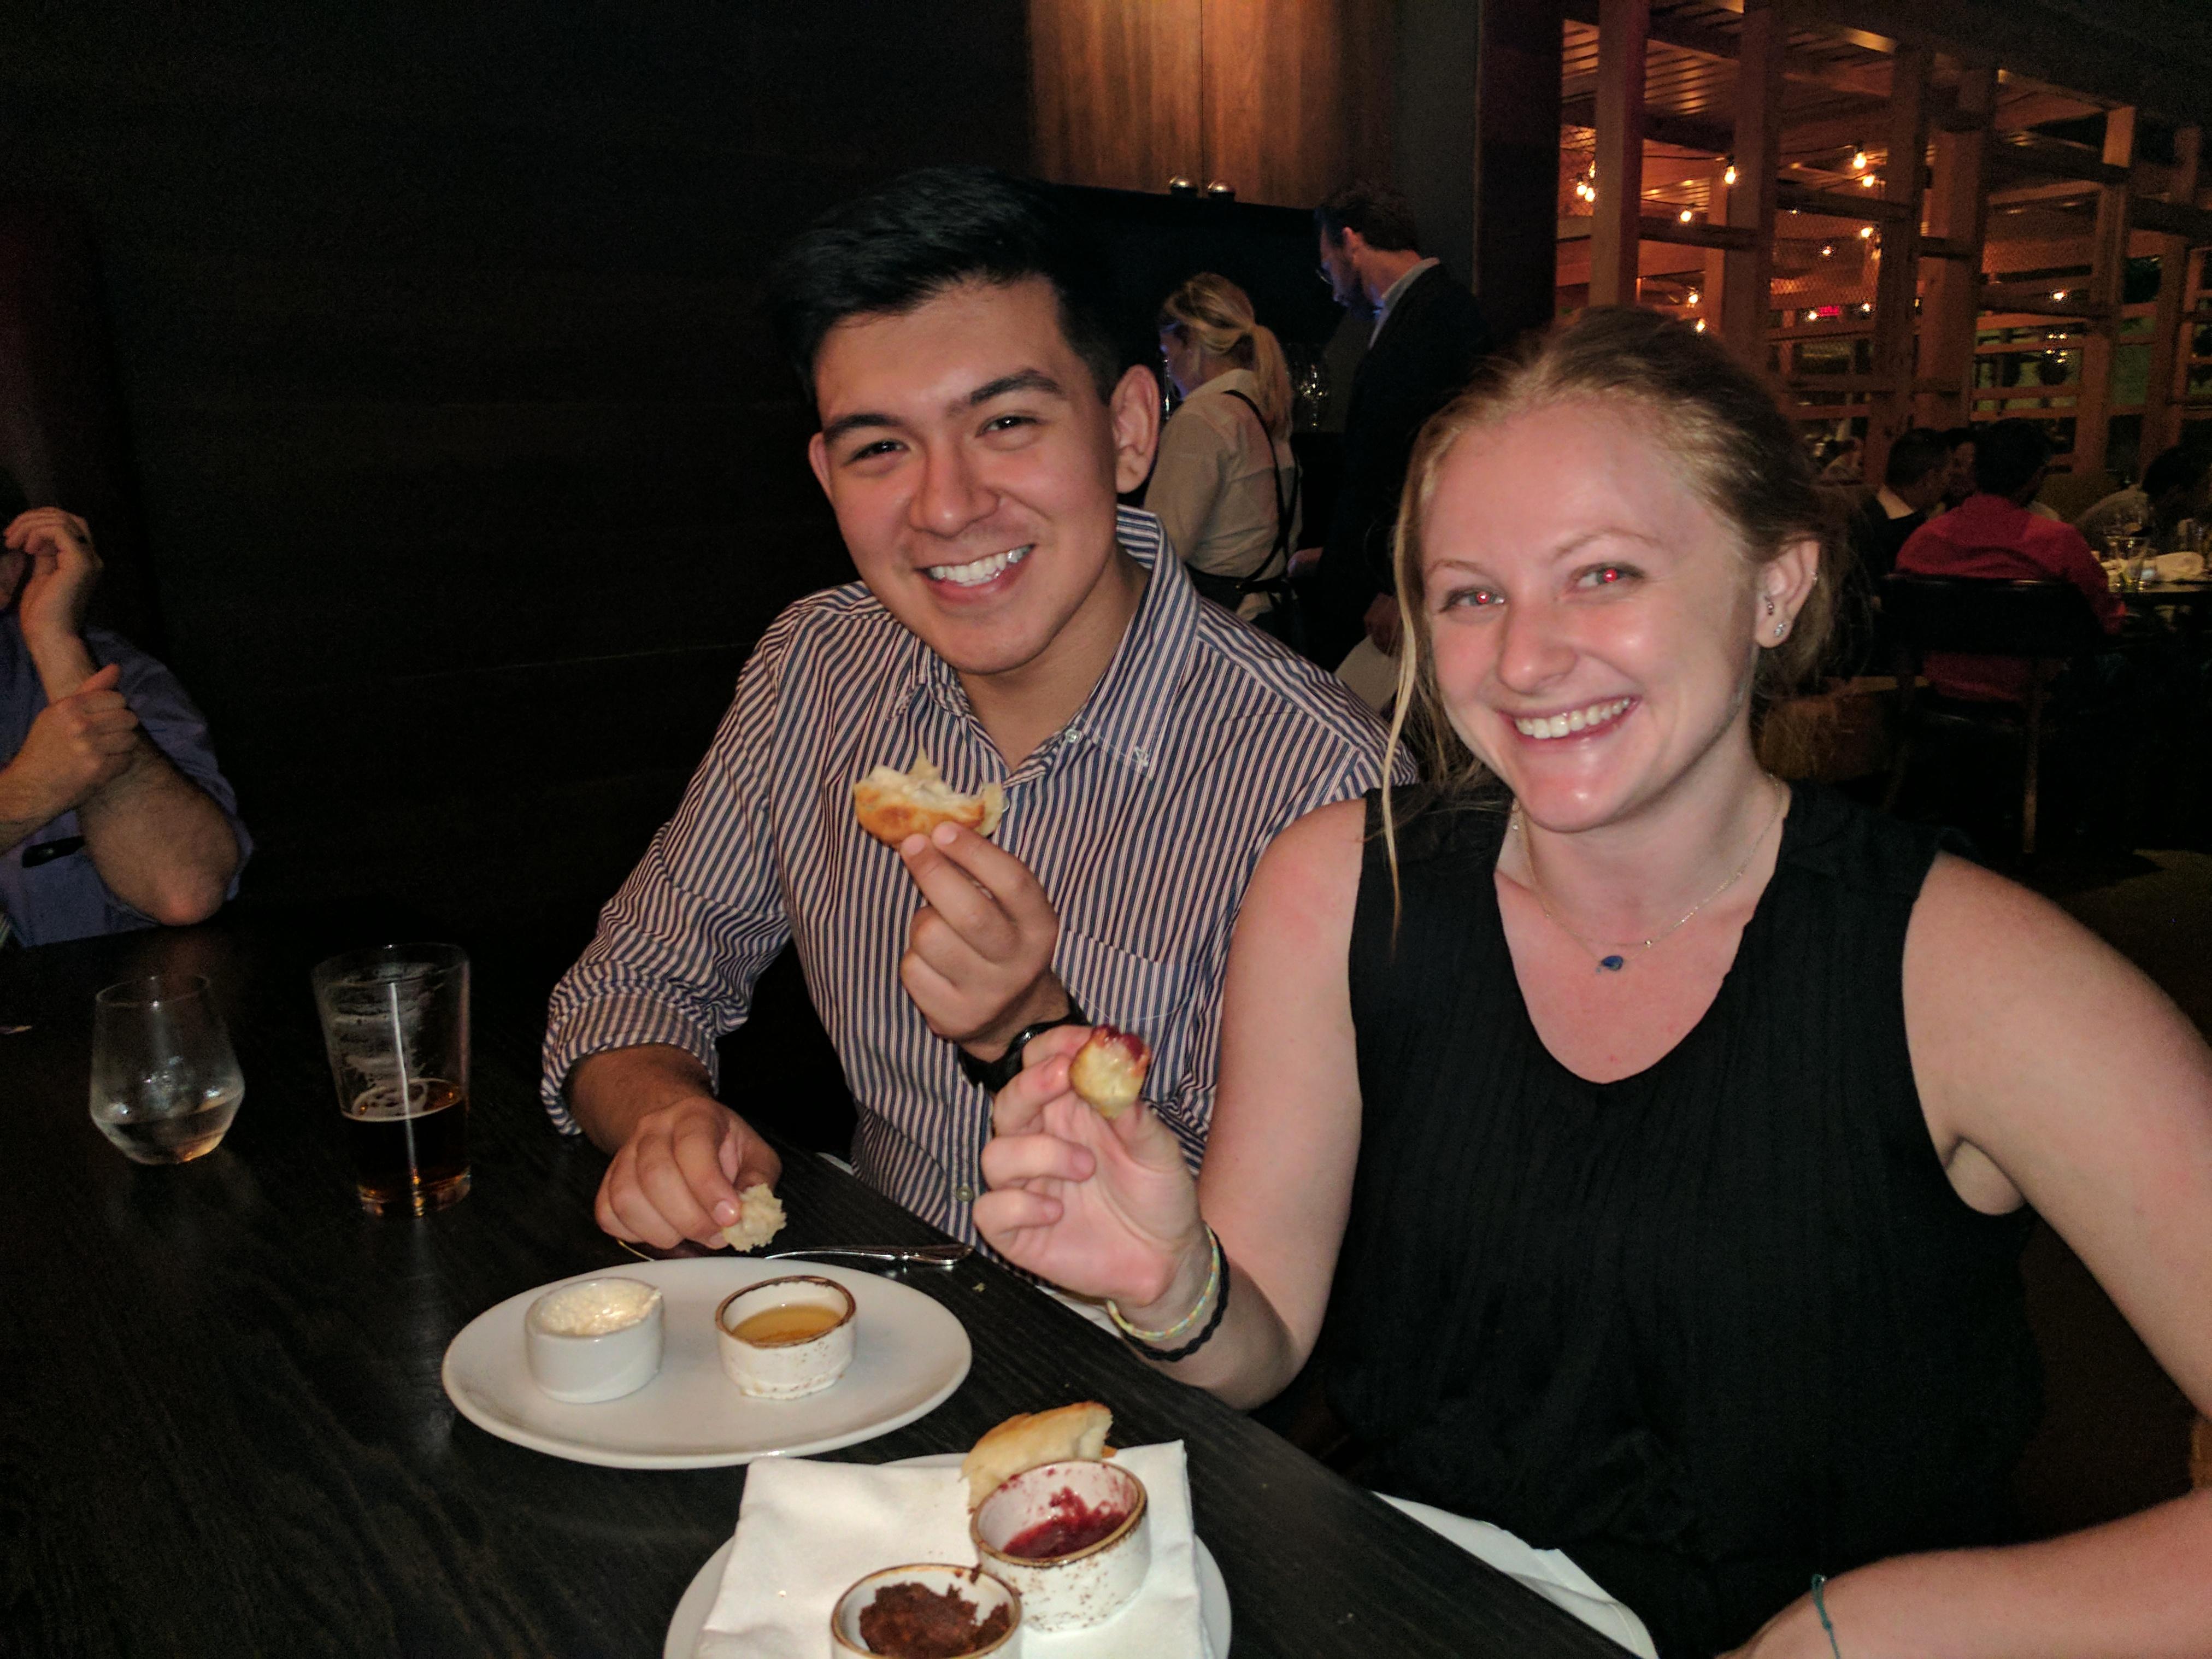 Tito & Callie - Dinner in Austin (SRCD)